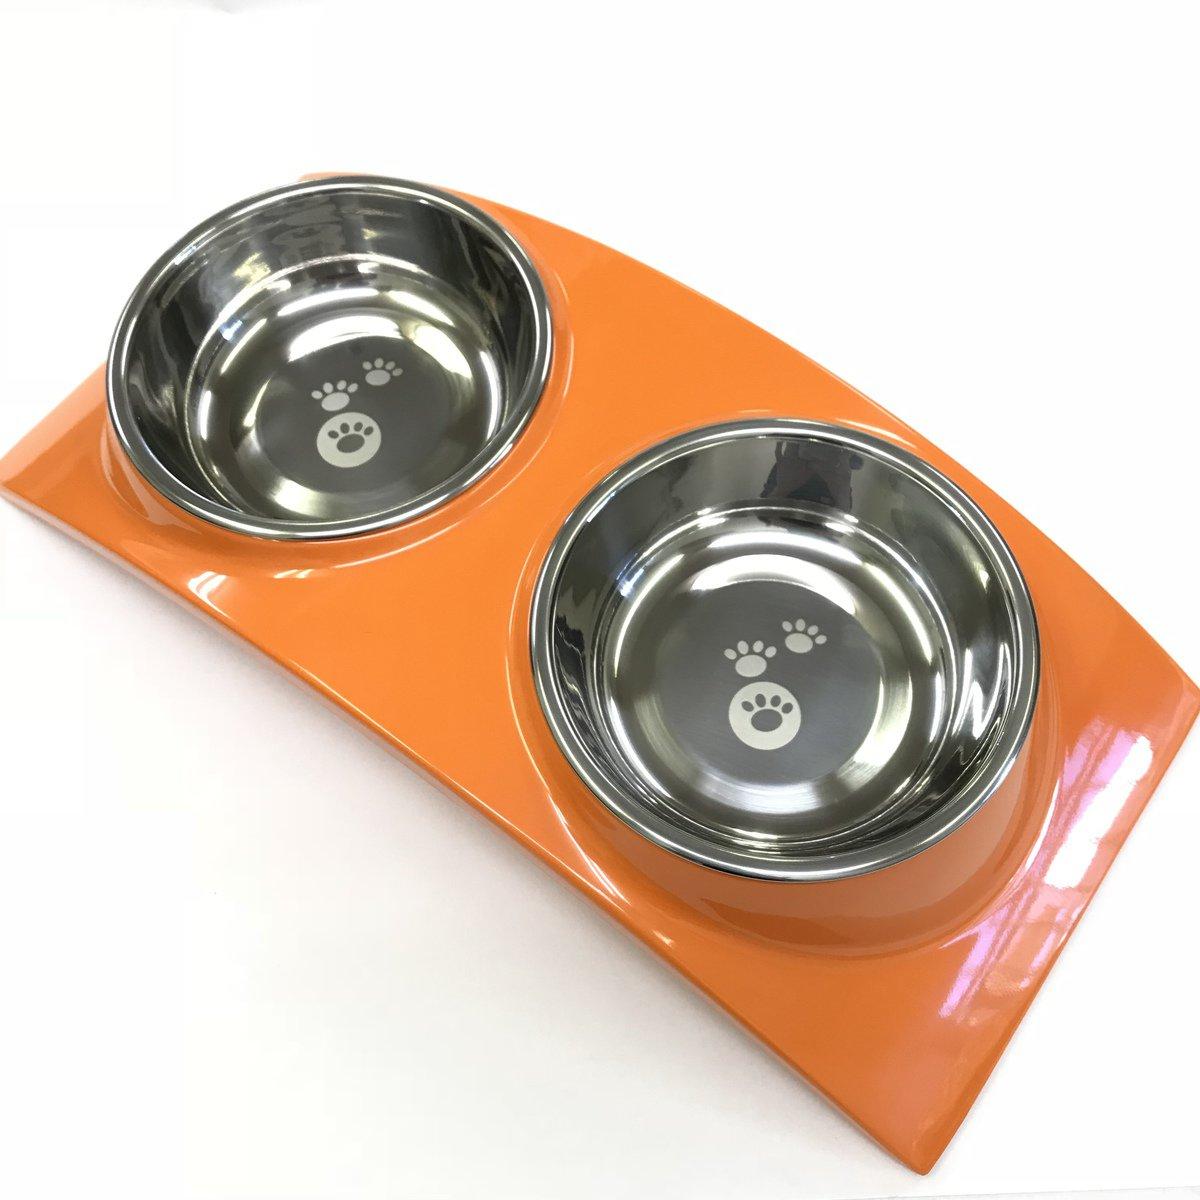 店内全品送料無料 1個あたり2190円 在庫あり トムキャット 食器 レインボー 安い 激安 プチプラ 高品質 L ディナーセット オレンジ×6入 送料無料